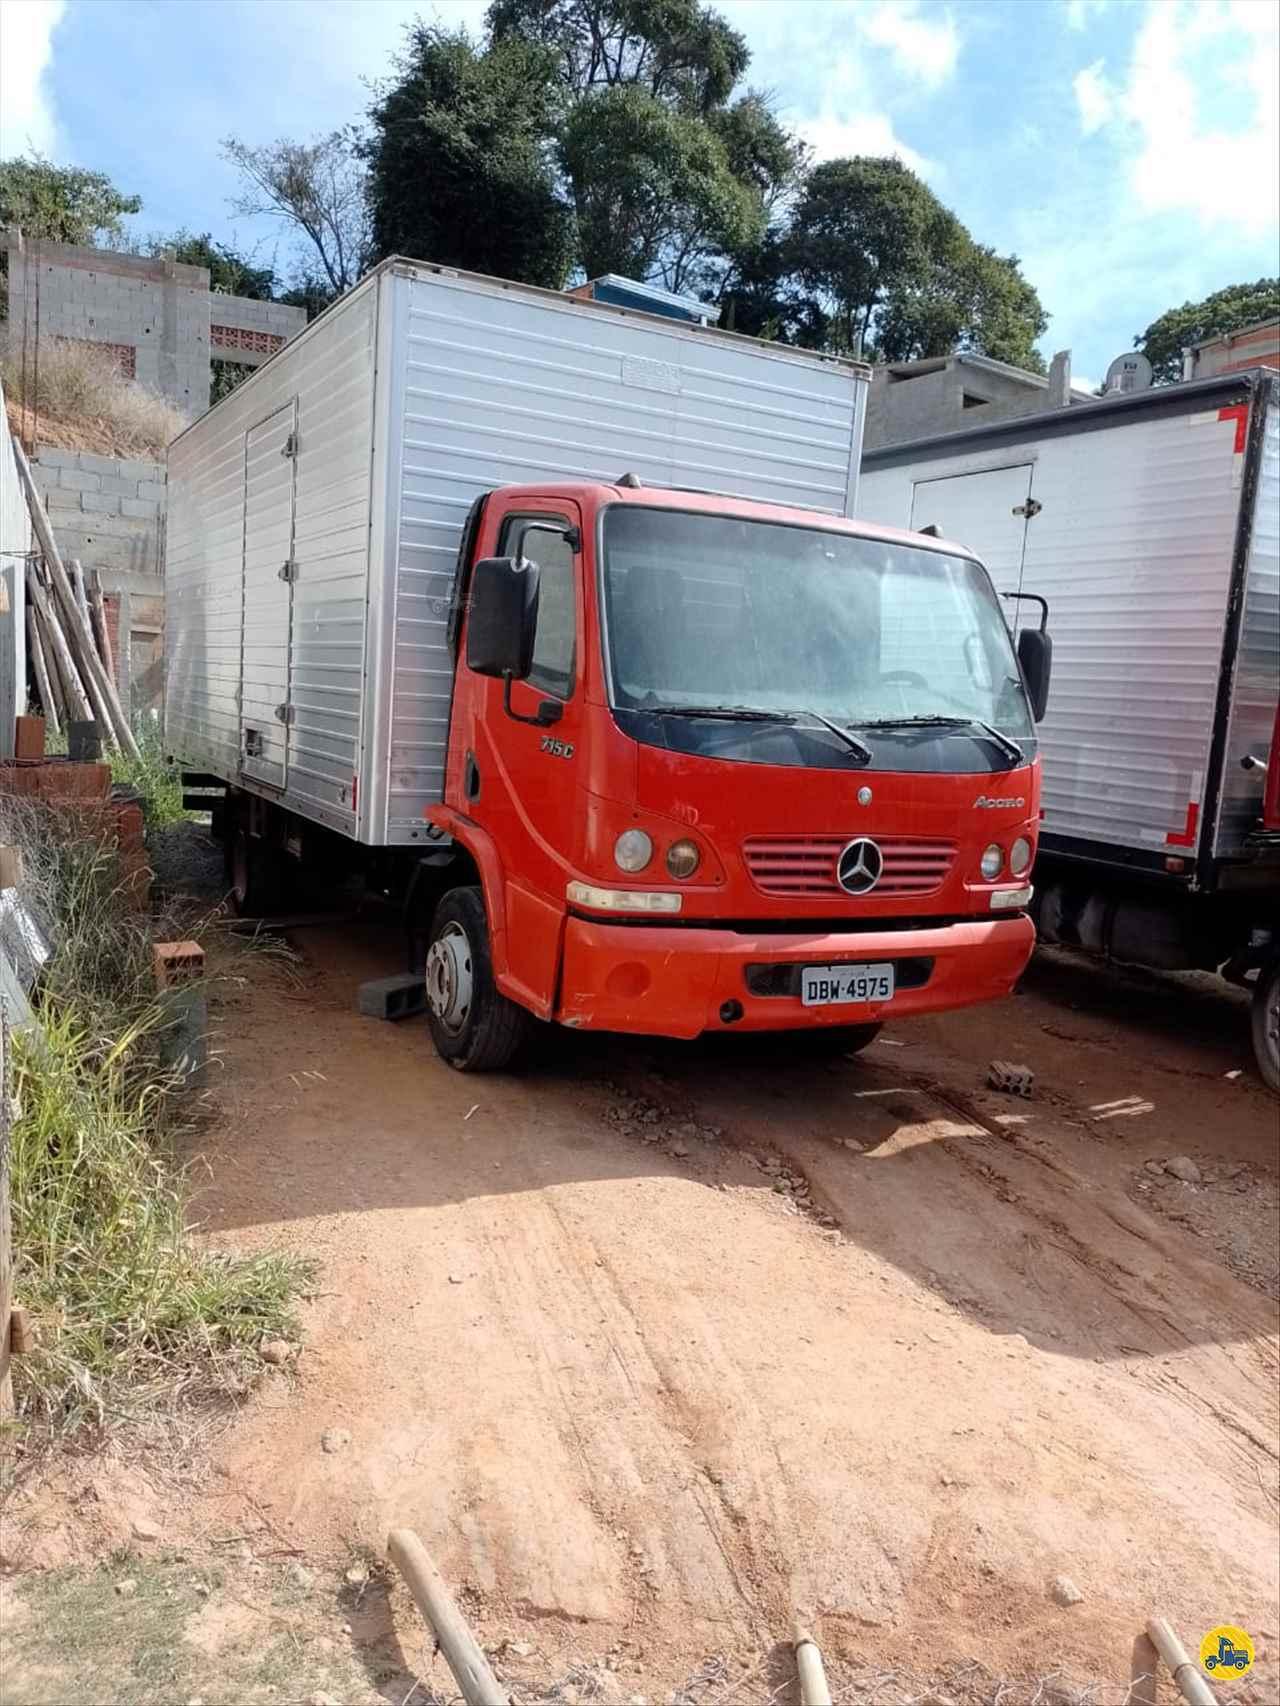 CAMINHAO MERCEDES-BENZ MB 715 Baú Furgão Toco 4x2 Wilson Caminhões RIBEIRAO PIRES SÃO PAULO SP